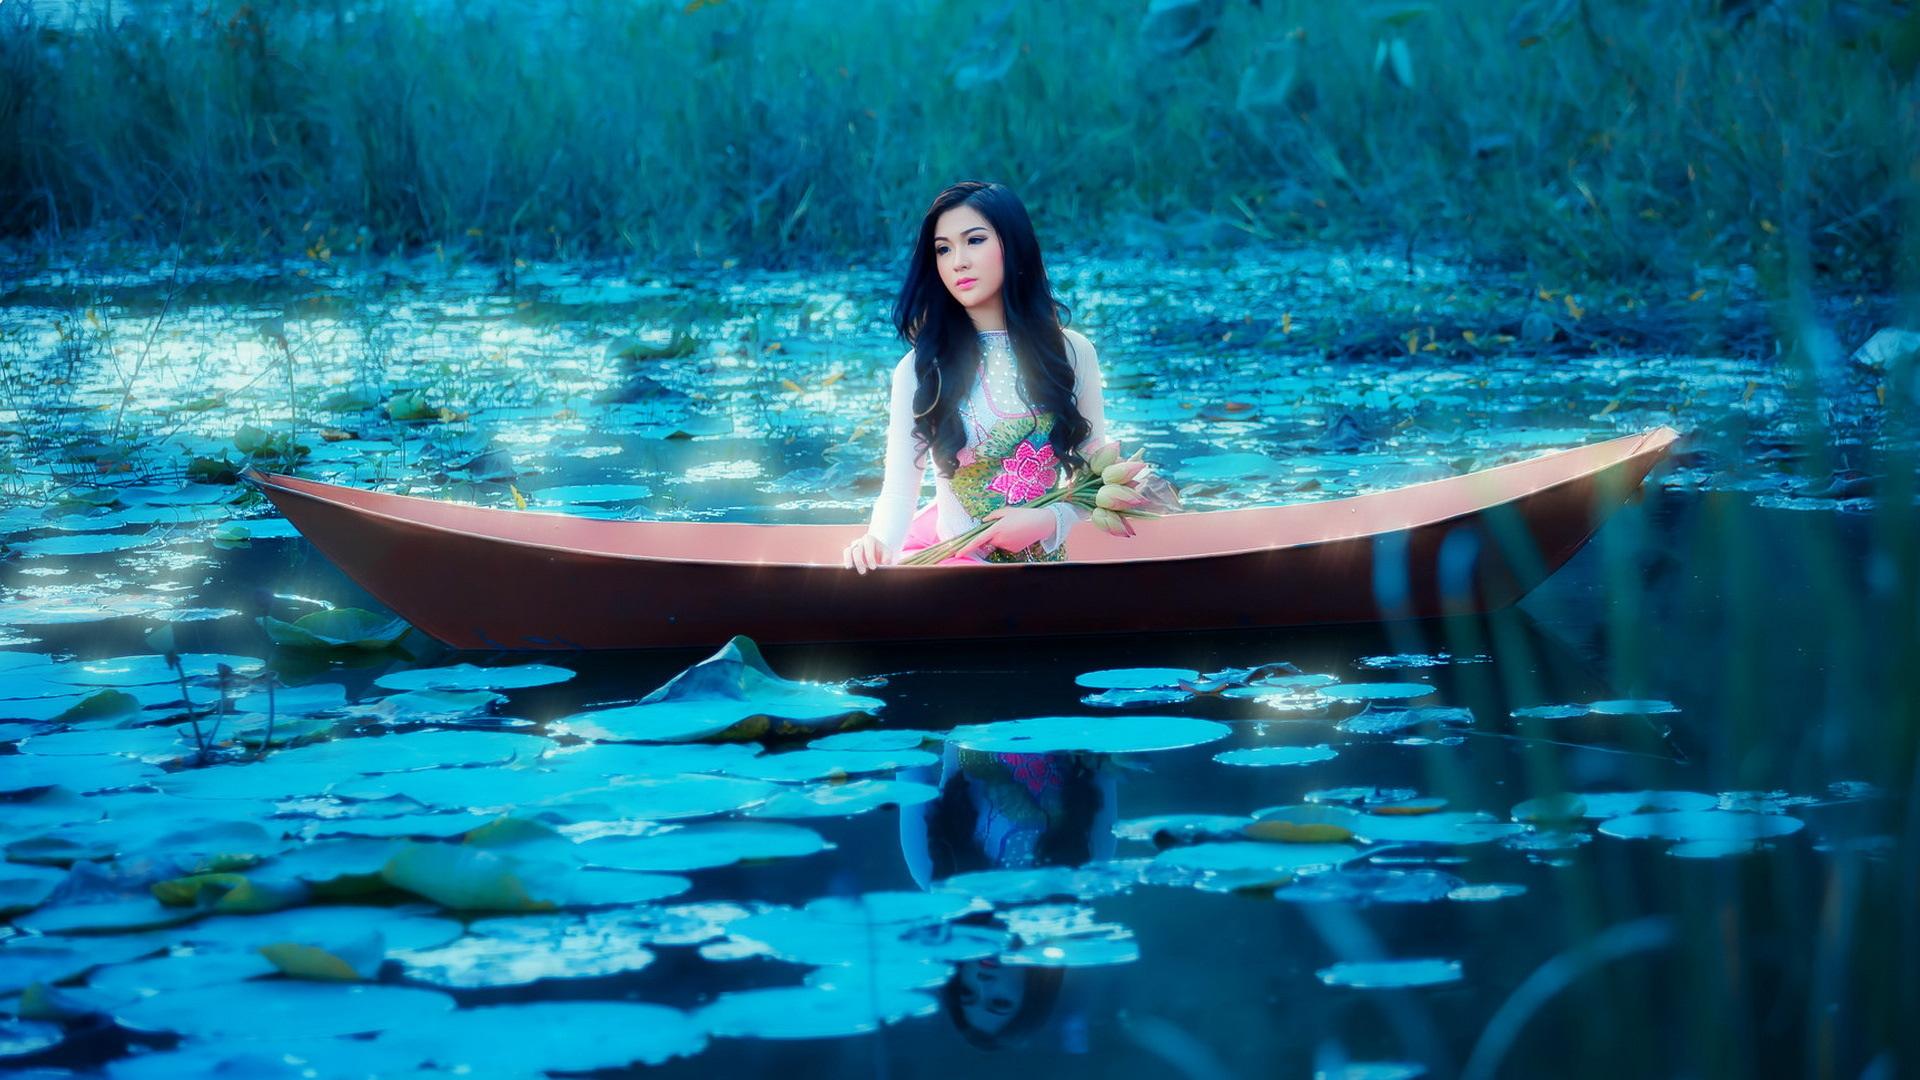 представьте что вы плывете в лодке по морю